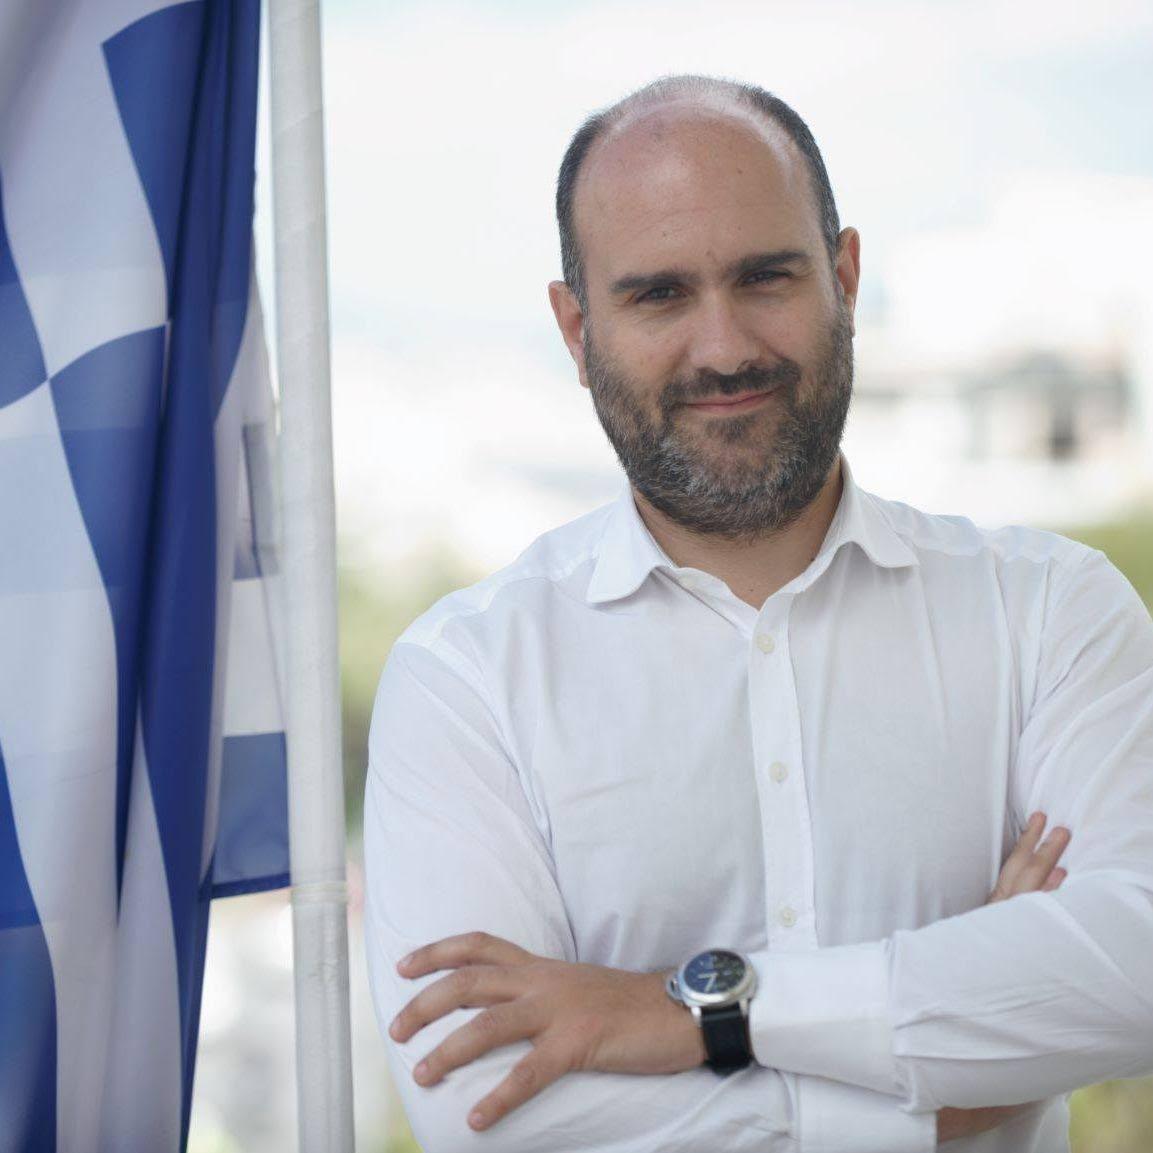 Ο Δημήτρης Μαρκόπουλος, Βουλευτής Ν.Δ γράφει στο greekschannel.